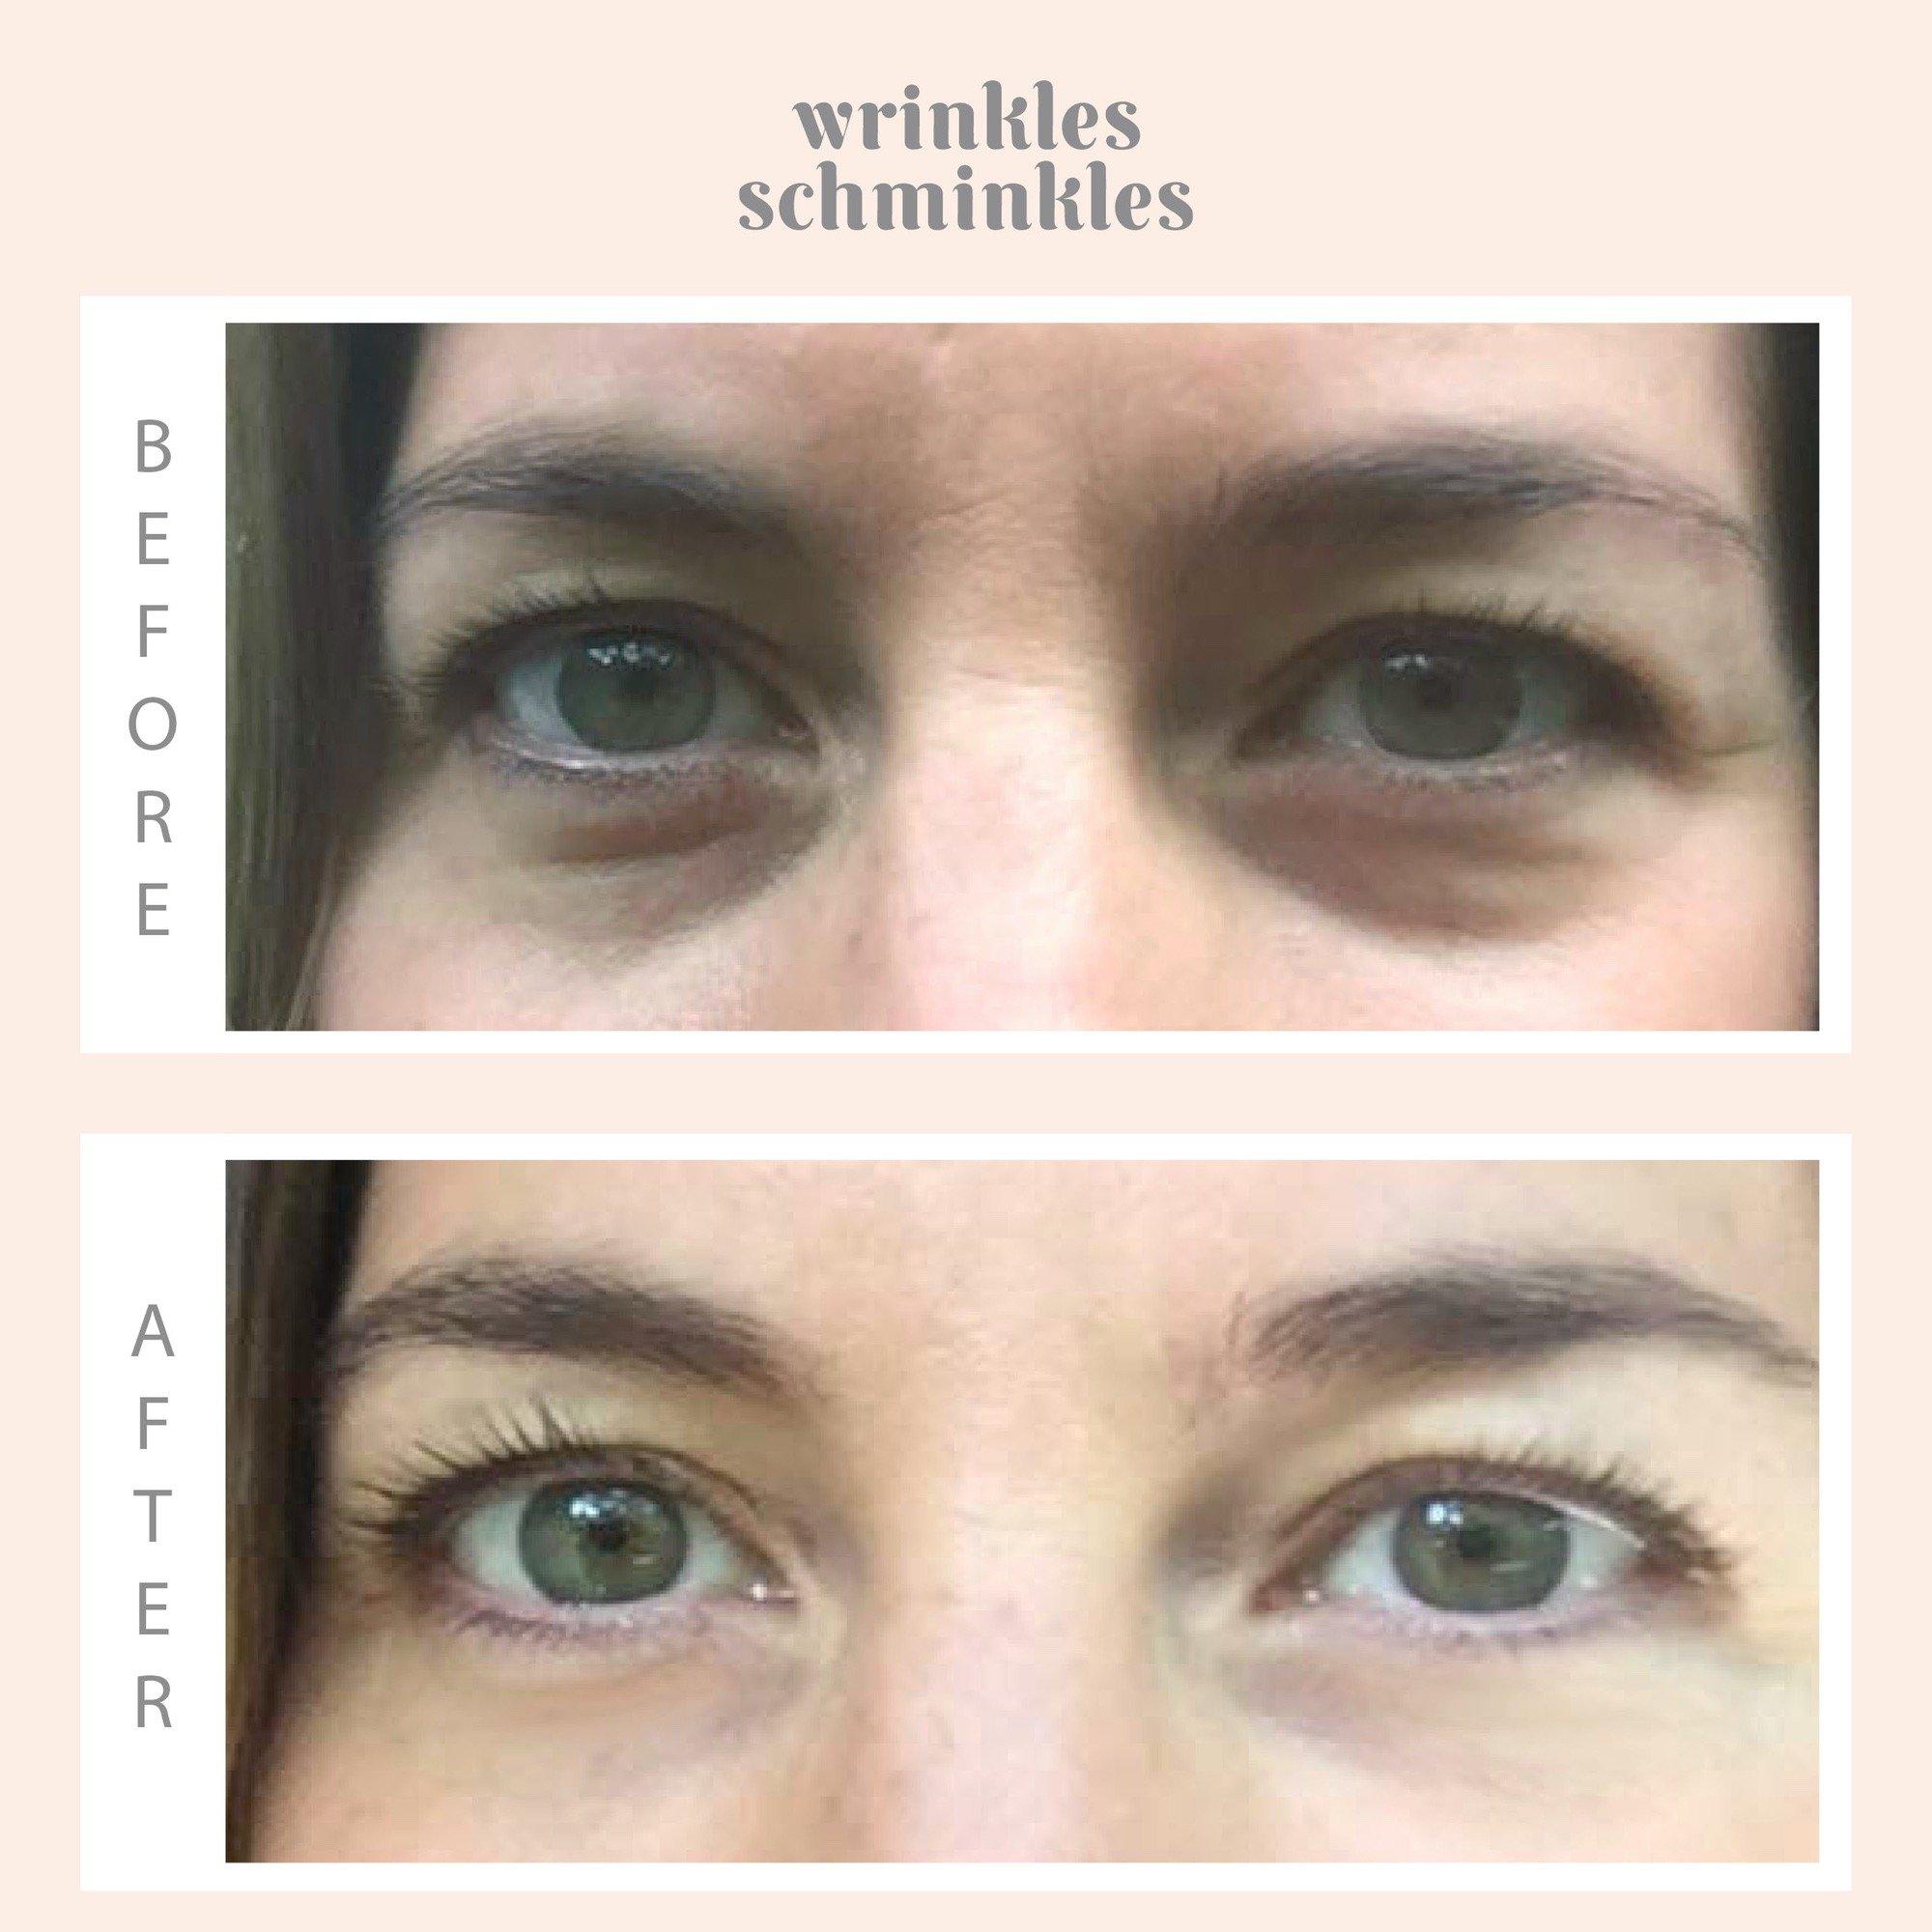 Wrinkles Schminkles; you look gorgeous girl! 2